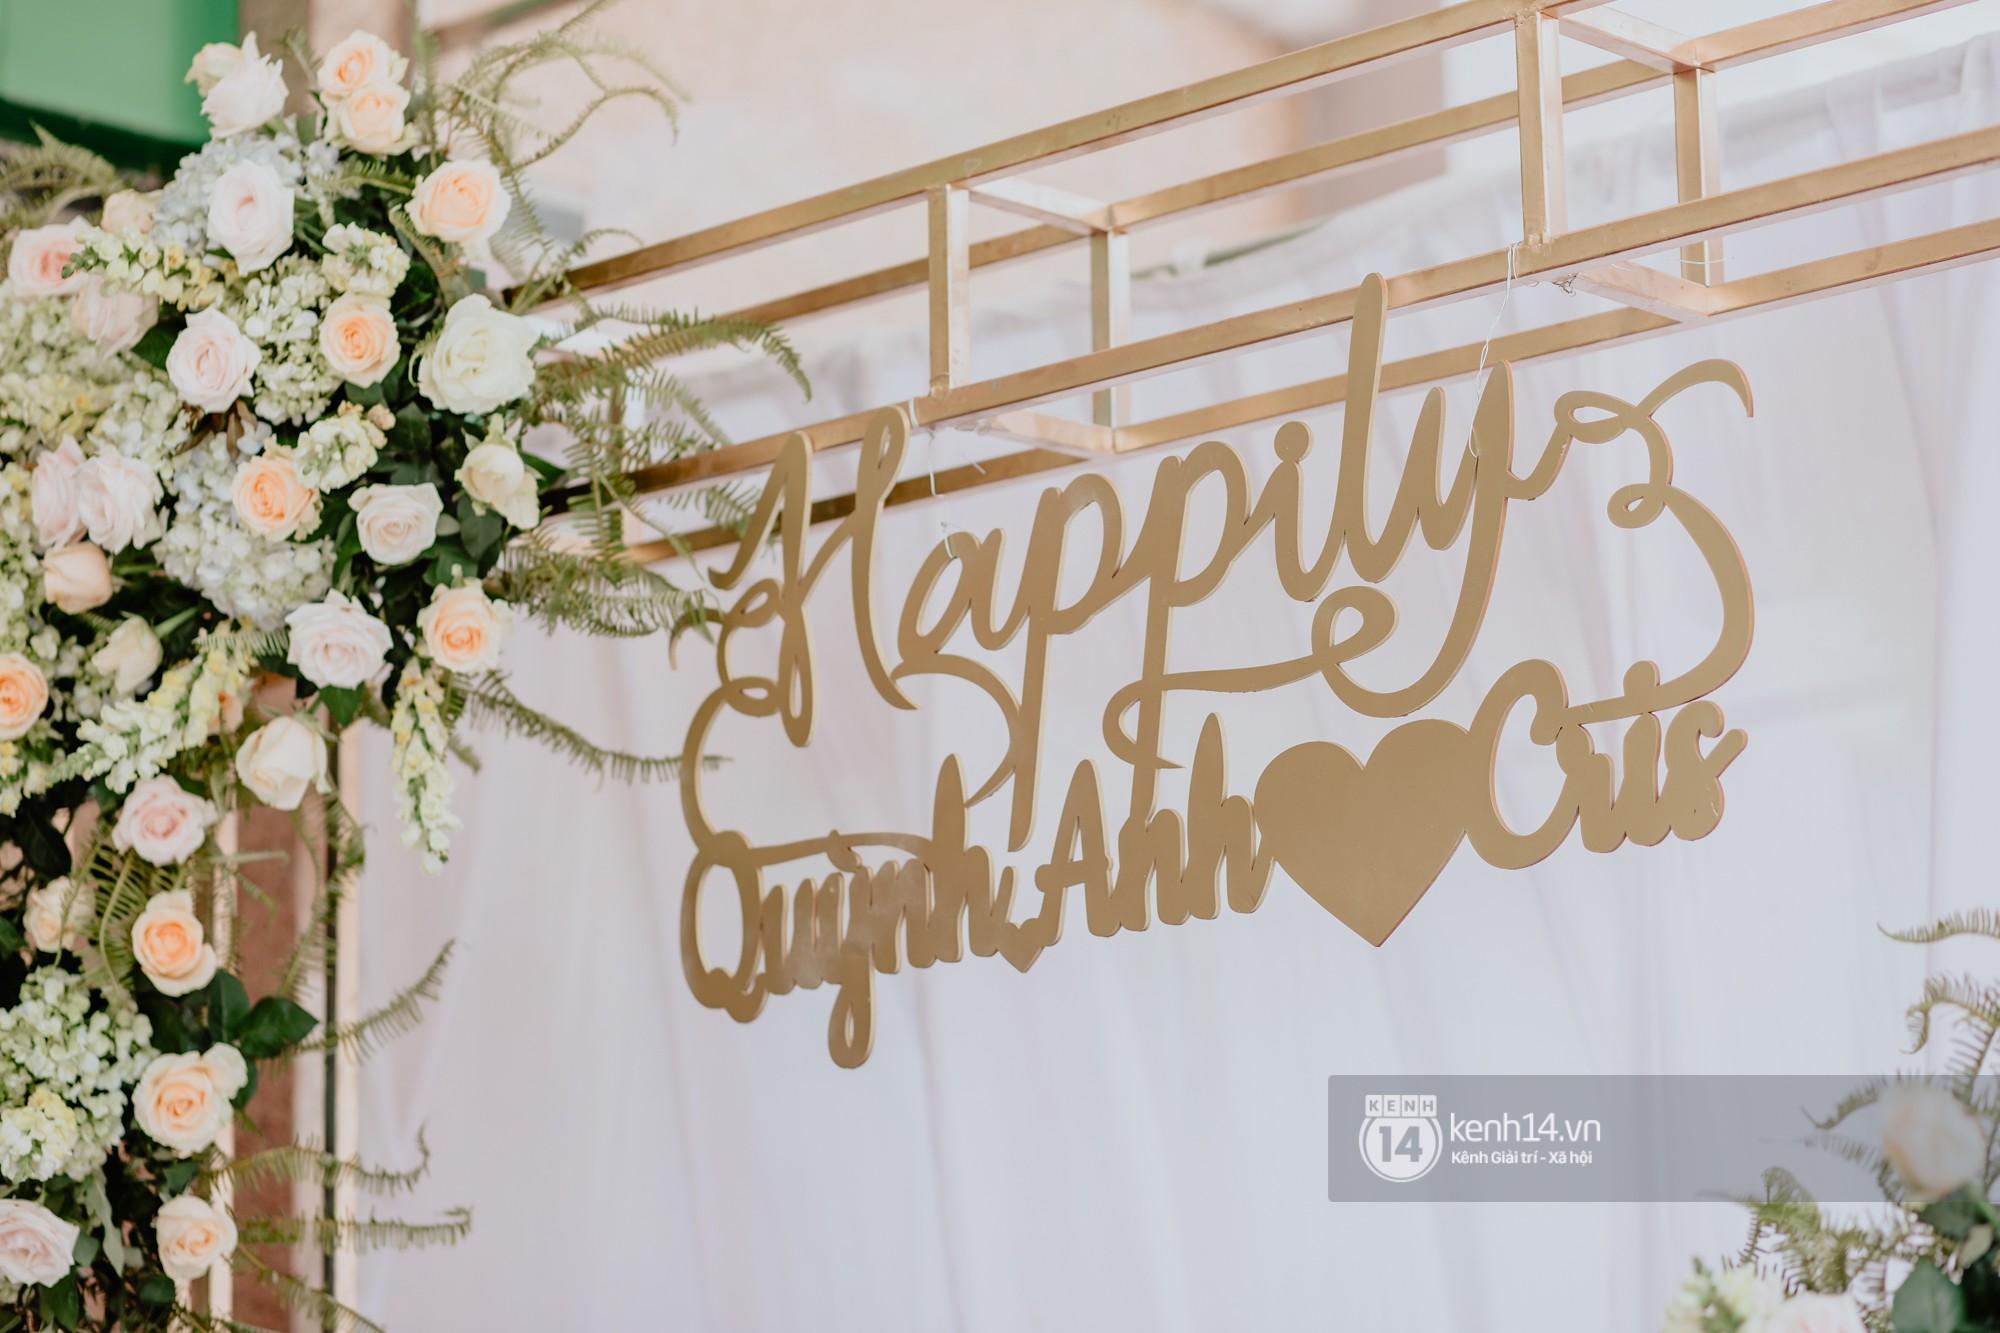 Cris Phan diện vest lịch lãm sánh đôi cùng Mai Quỳnh Anh khui sâm banh ở nhà hàng tiệc cưới - Ảnh 17.